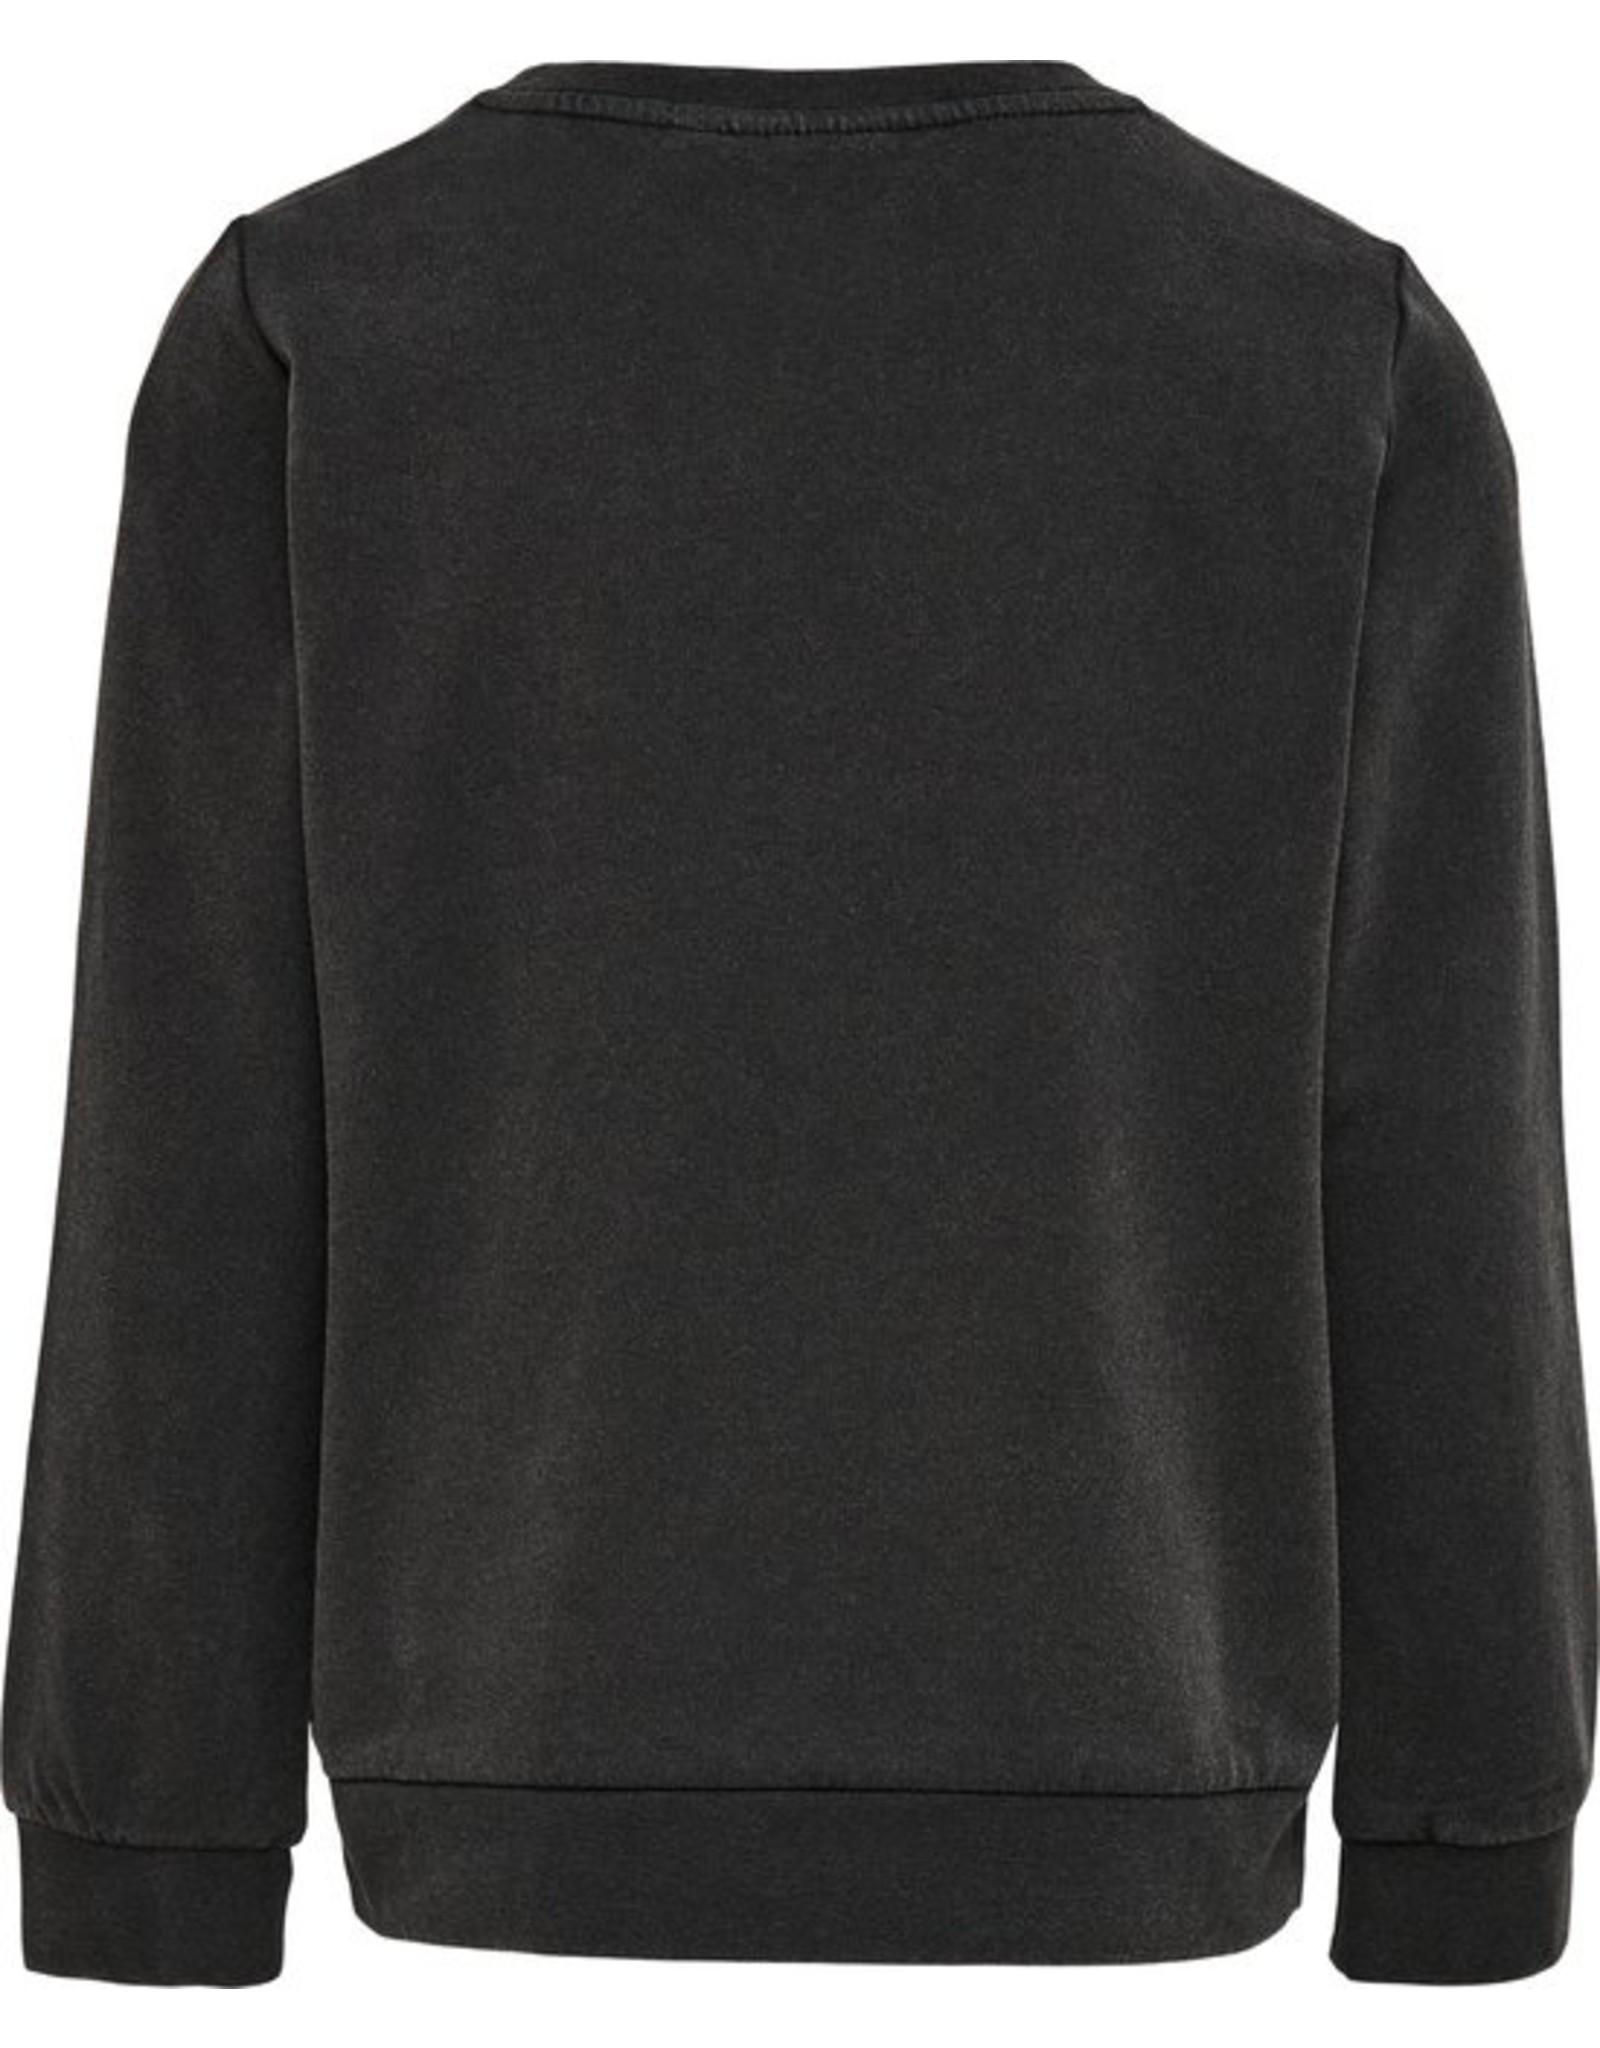 Kids Only Meisjes Konluginda Longsleeve Sweater Black